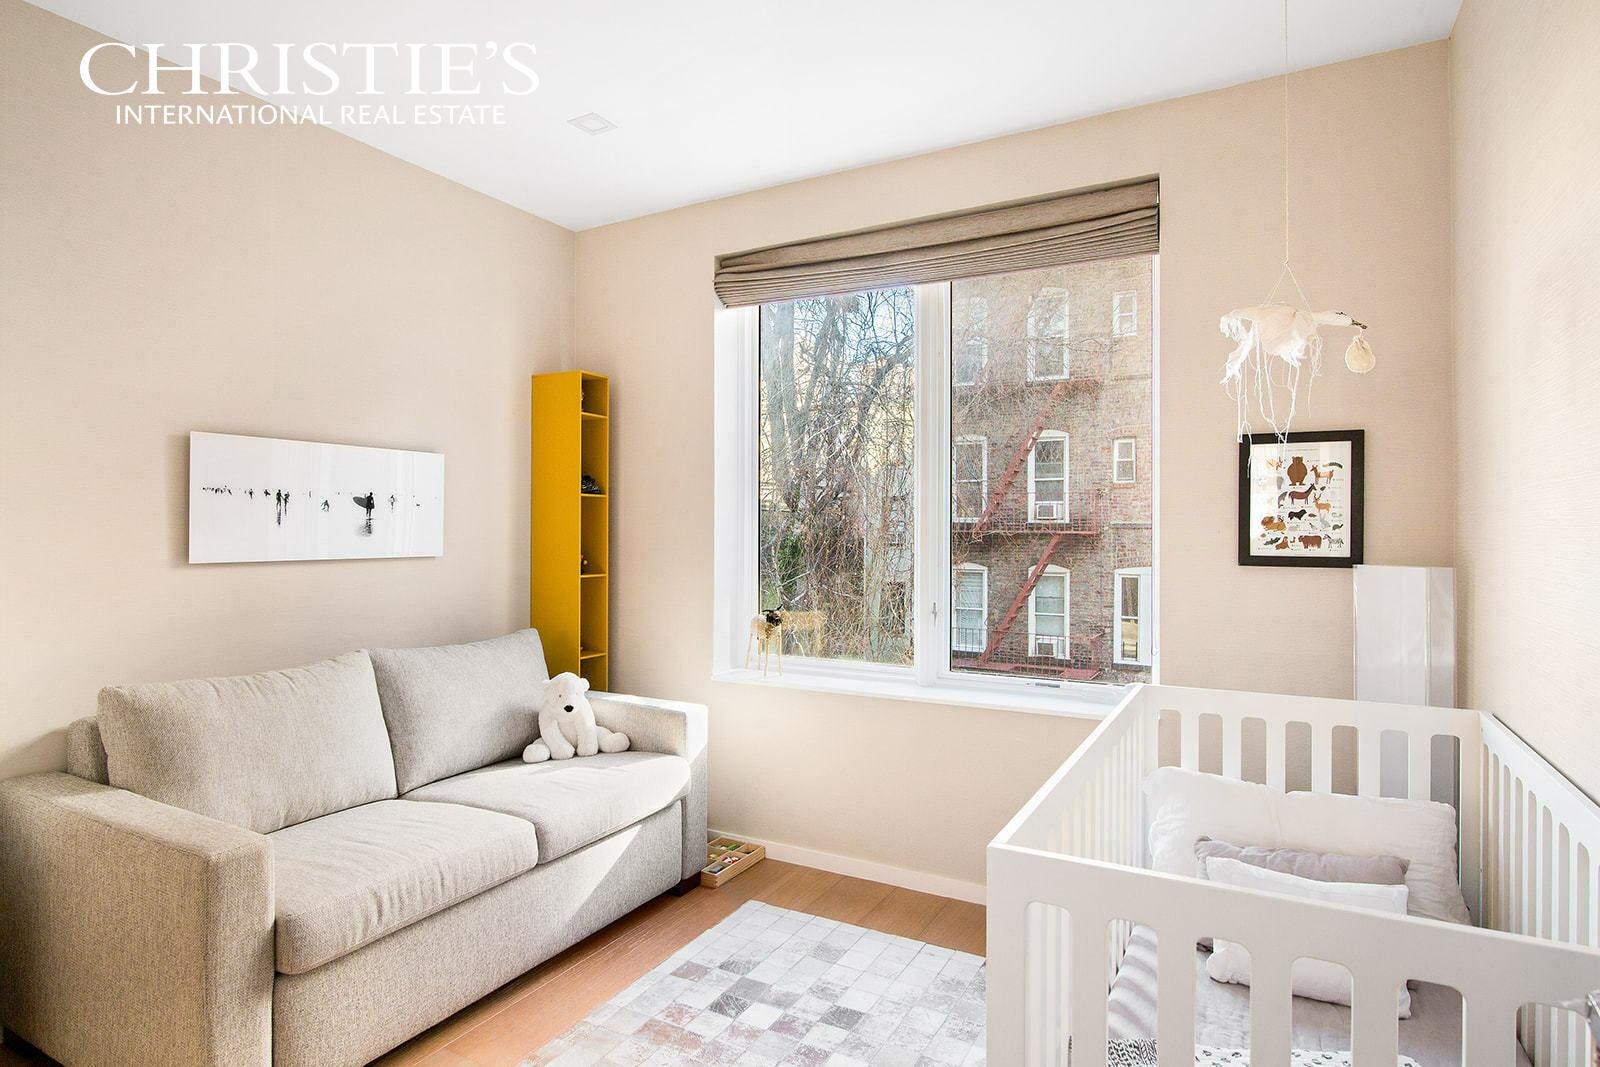 355 East 19th Street Gramercy Park New York NY 10003